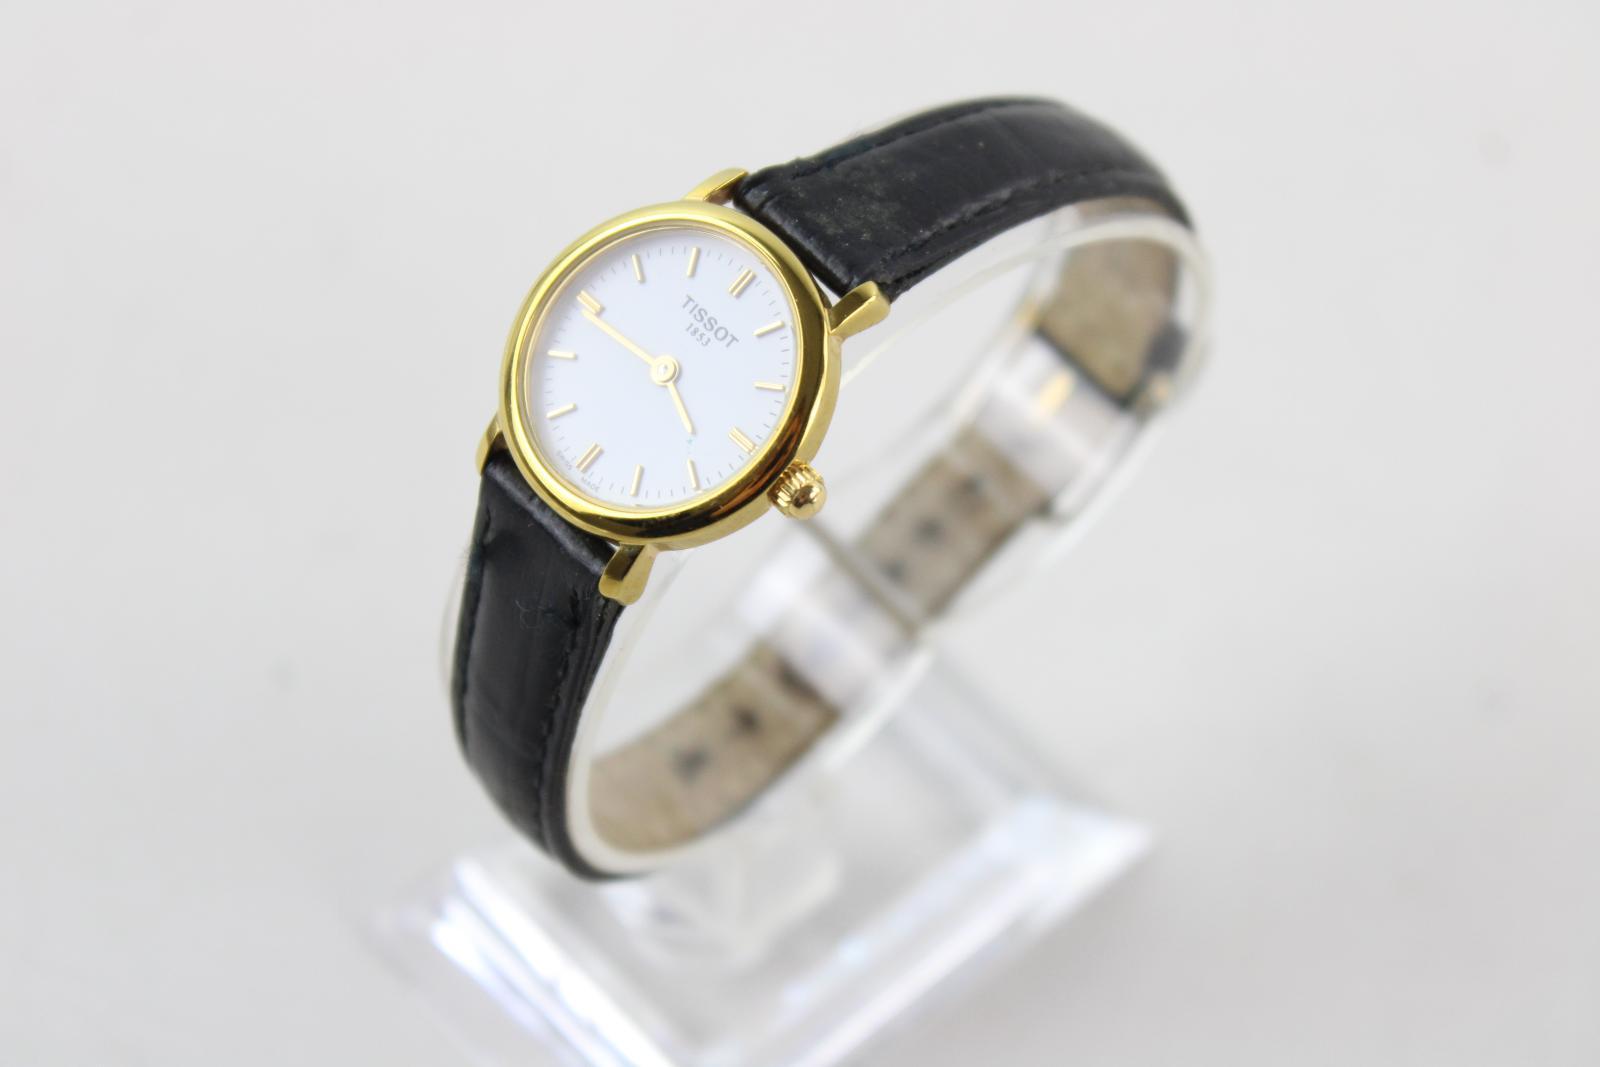 Mesdames-TISSOT-1853-ton-or-Montre-bracelet-Quartz-travaillant-avec-bracelet-en-cuir-noir miniature 4